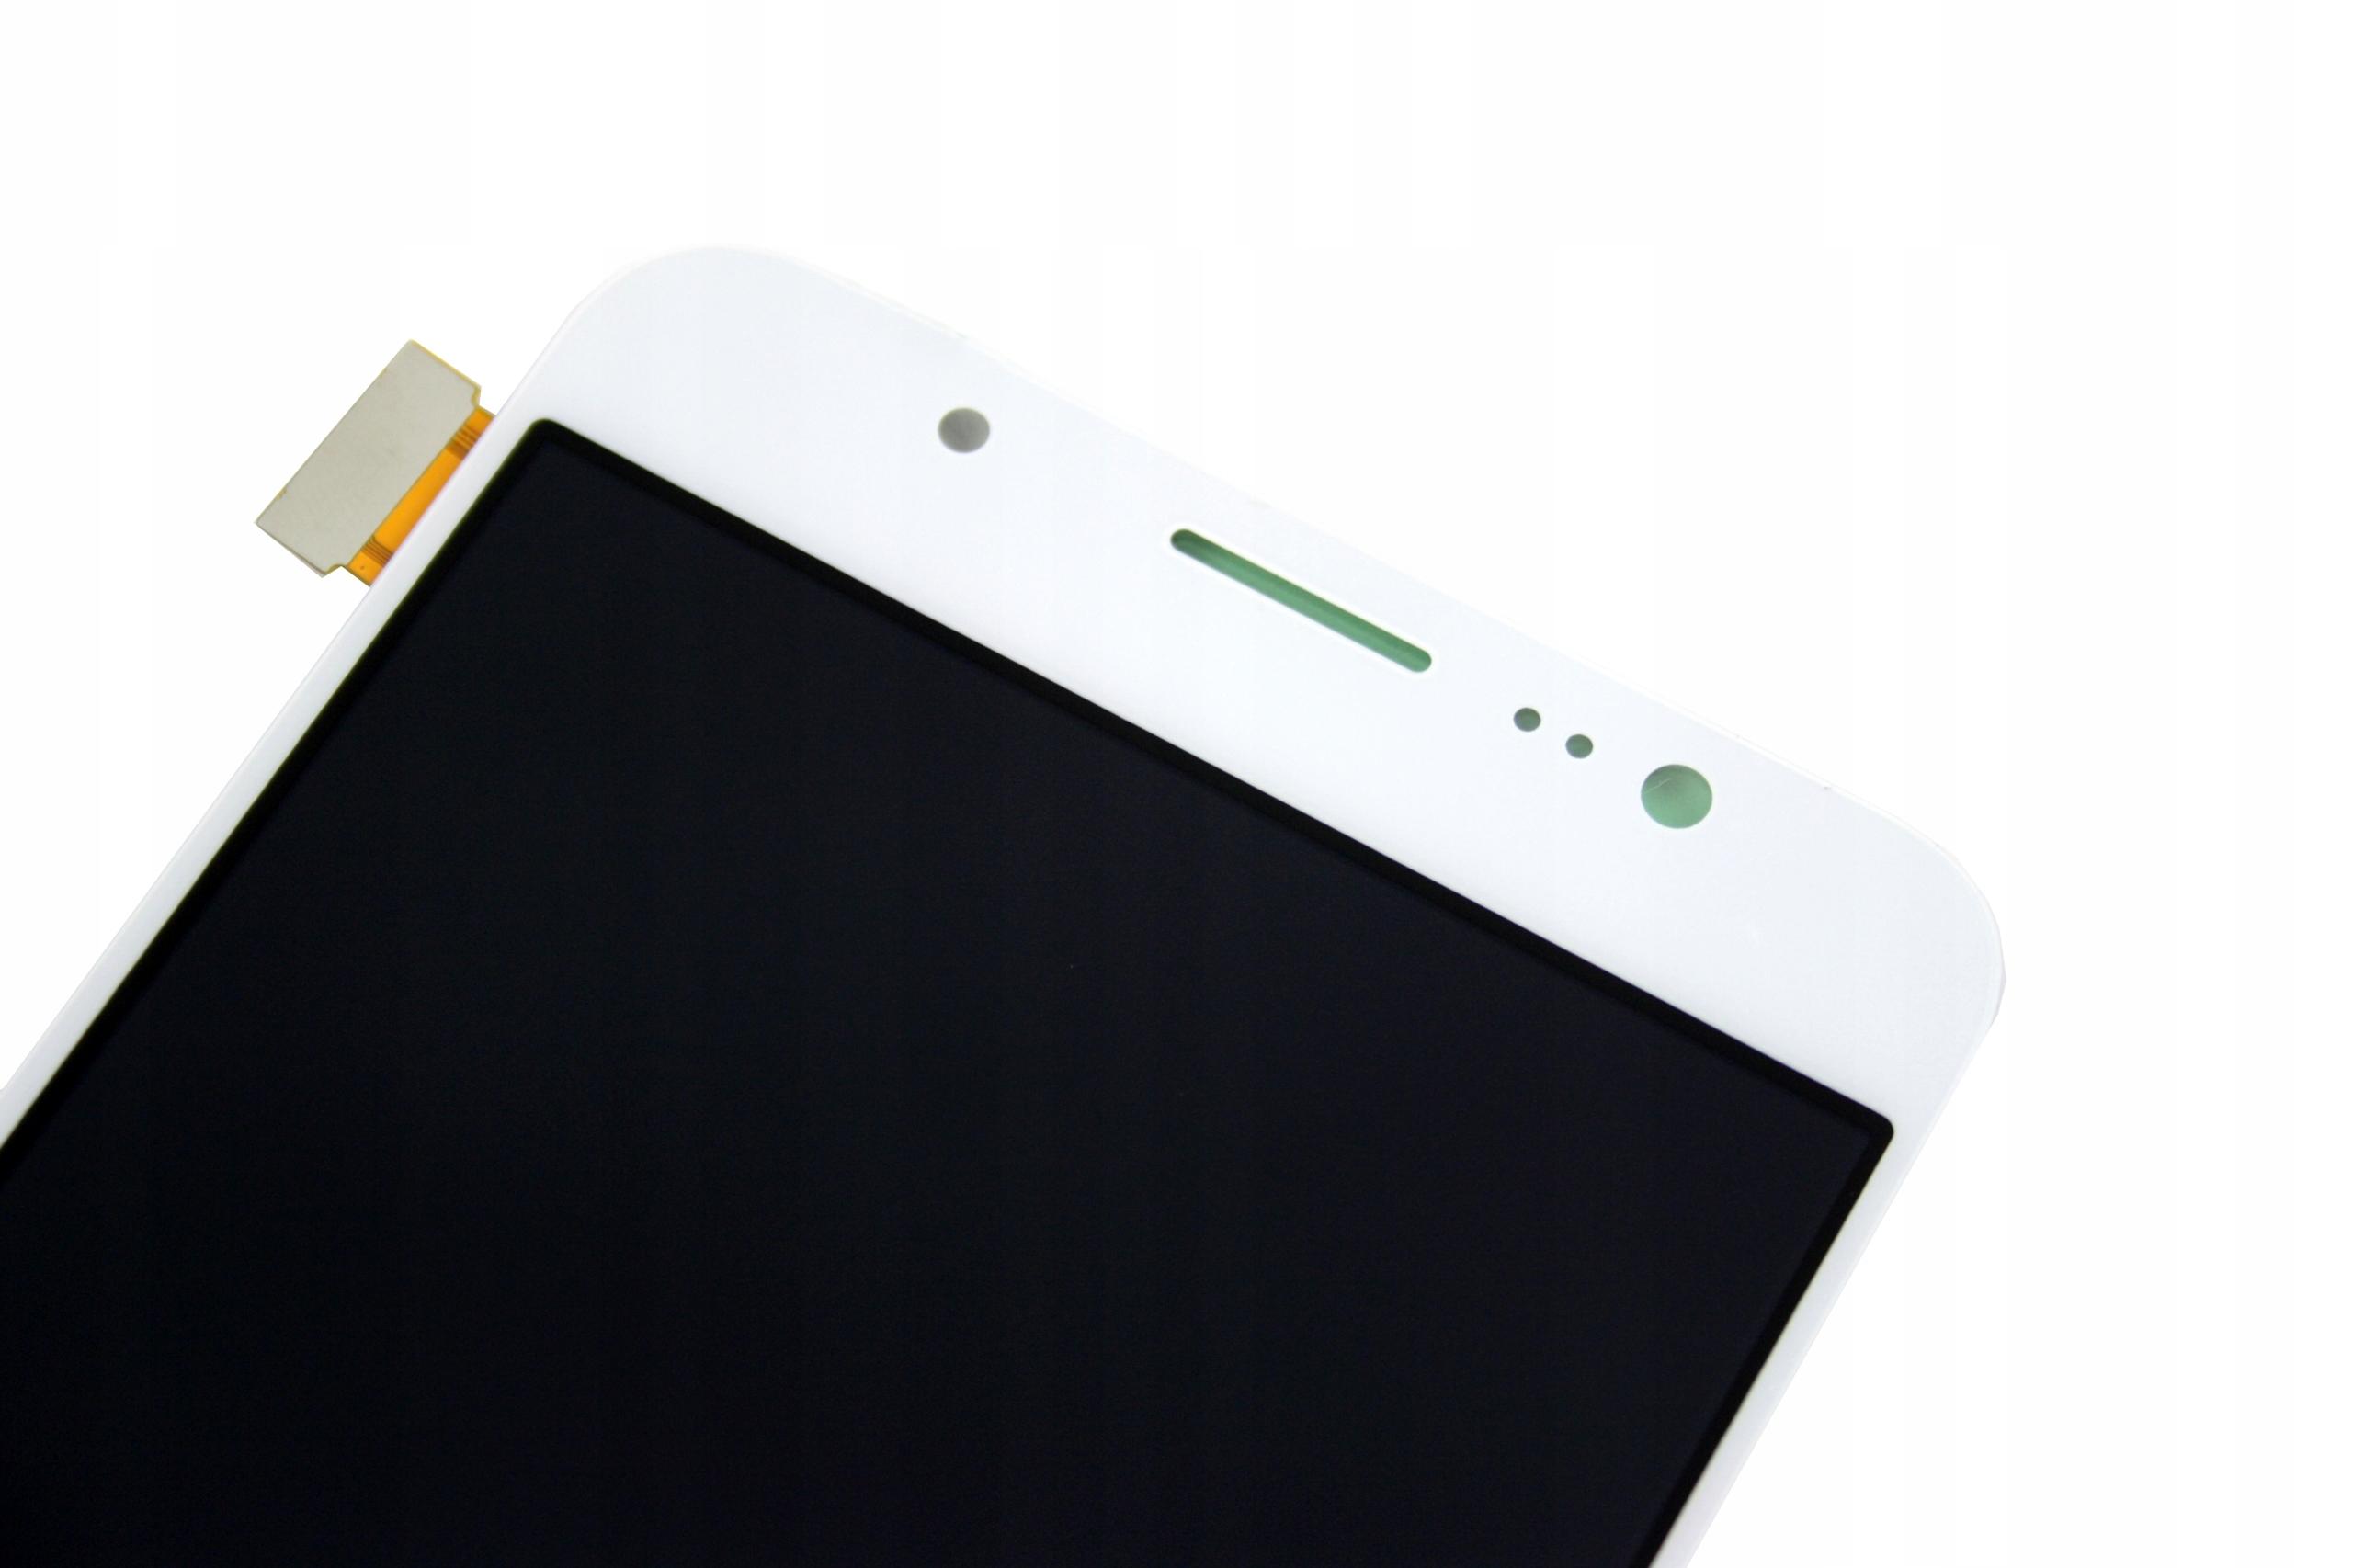 LCD WYŚWIETLACZ SAMSUNG J7 2016 J710FN/DS J710FN